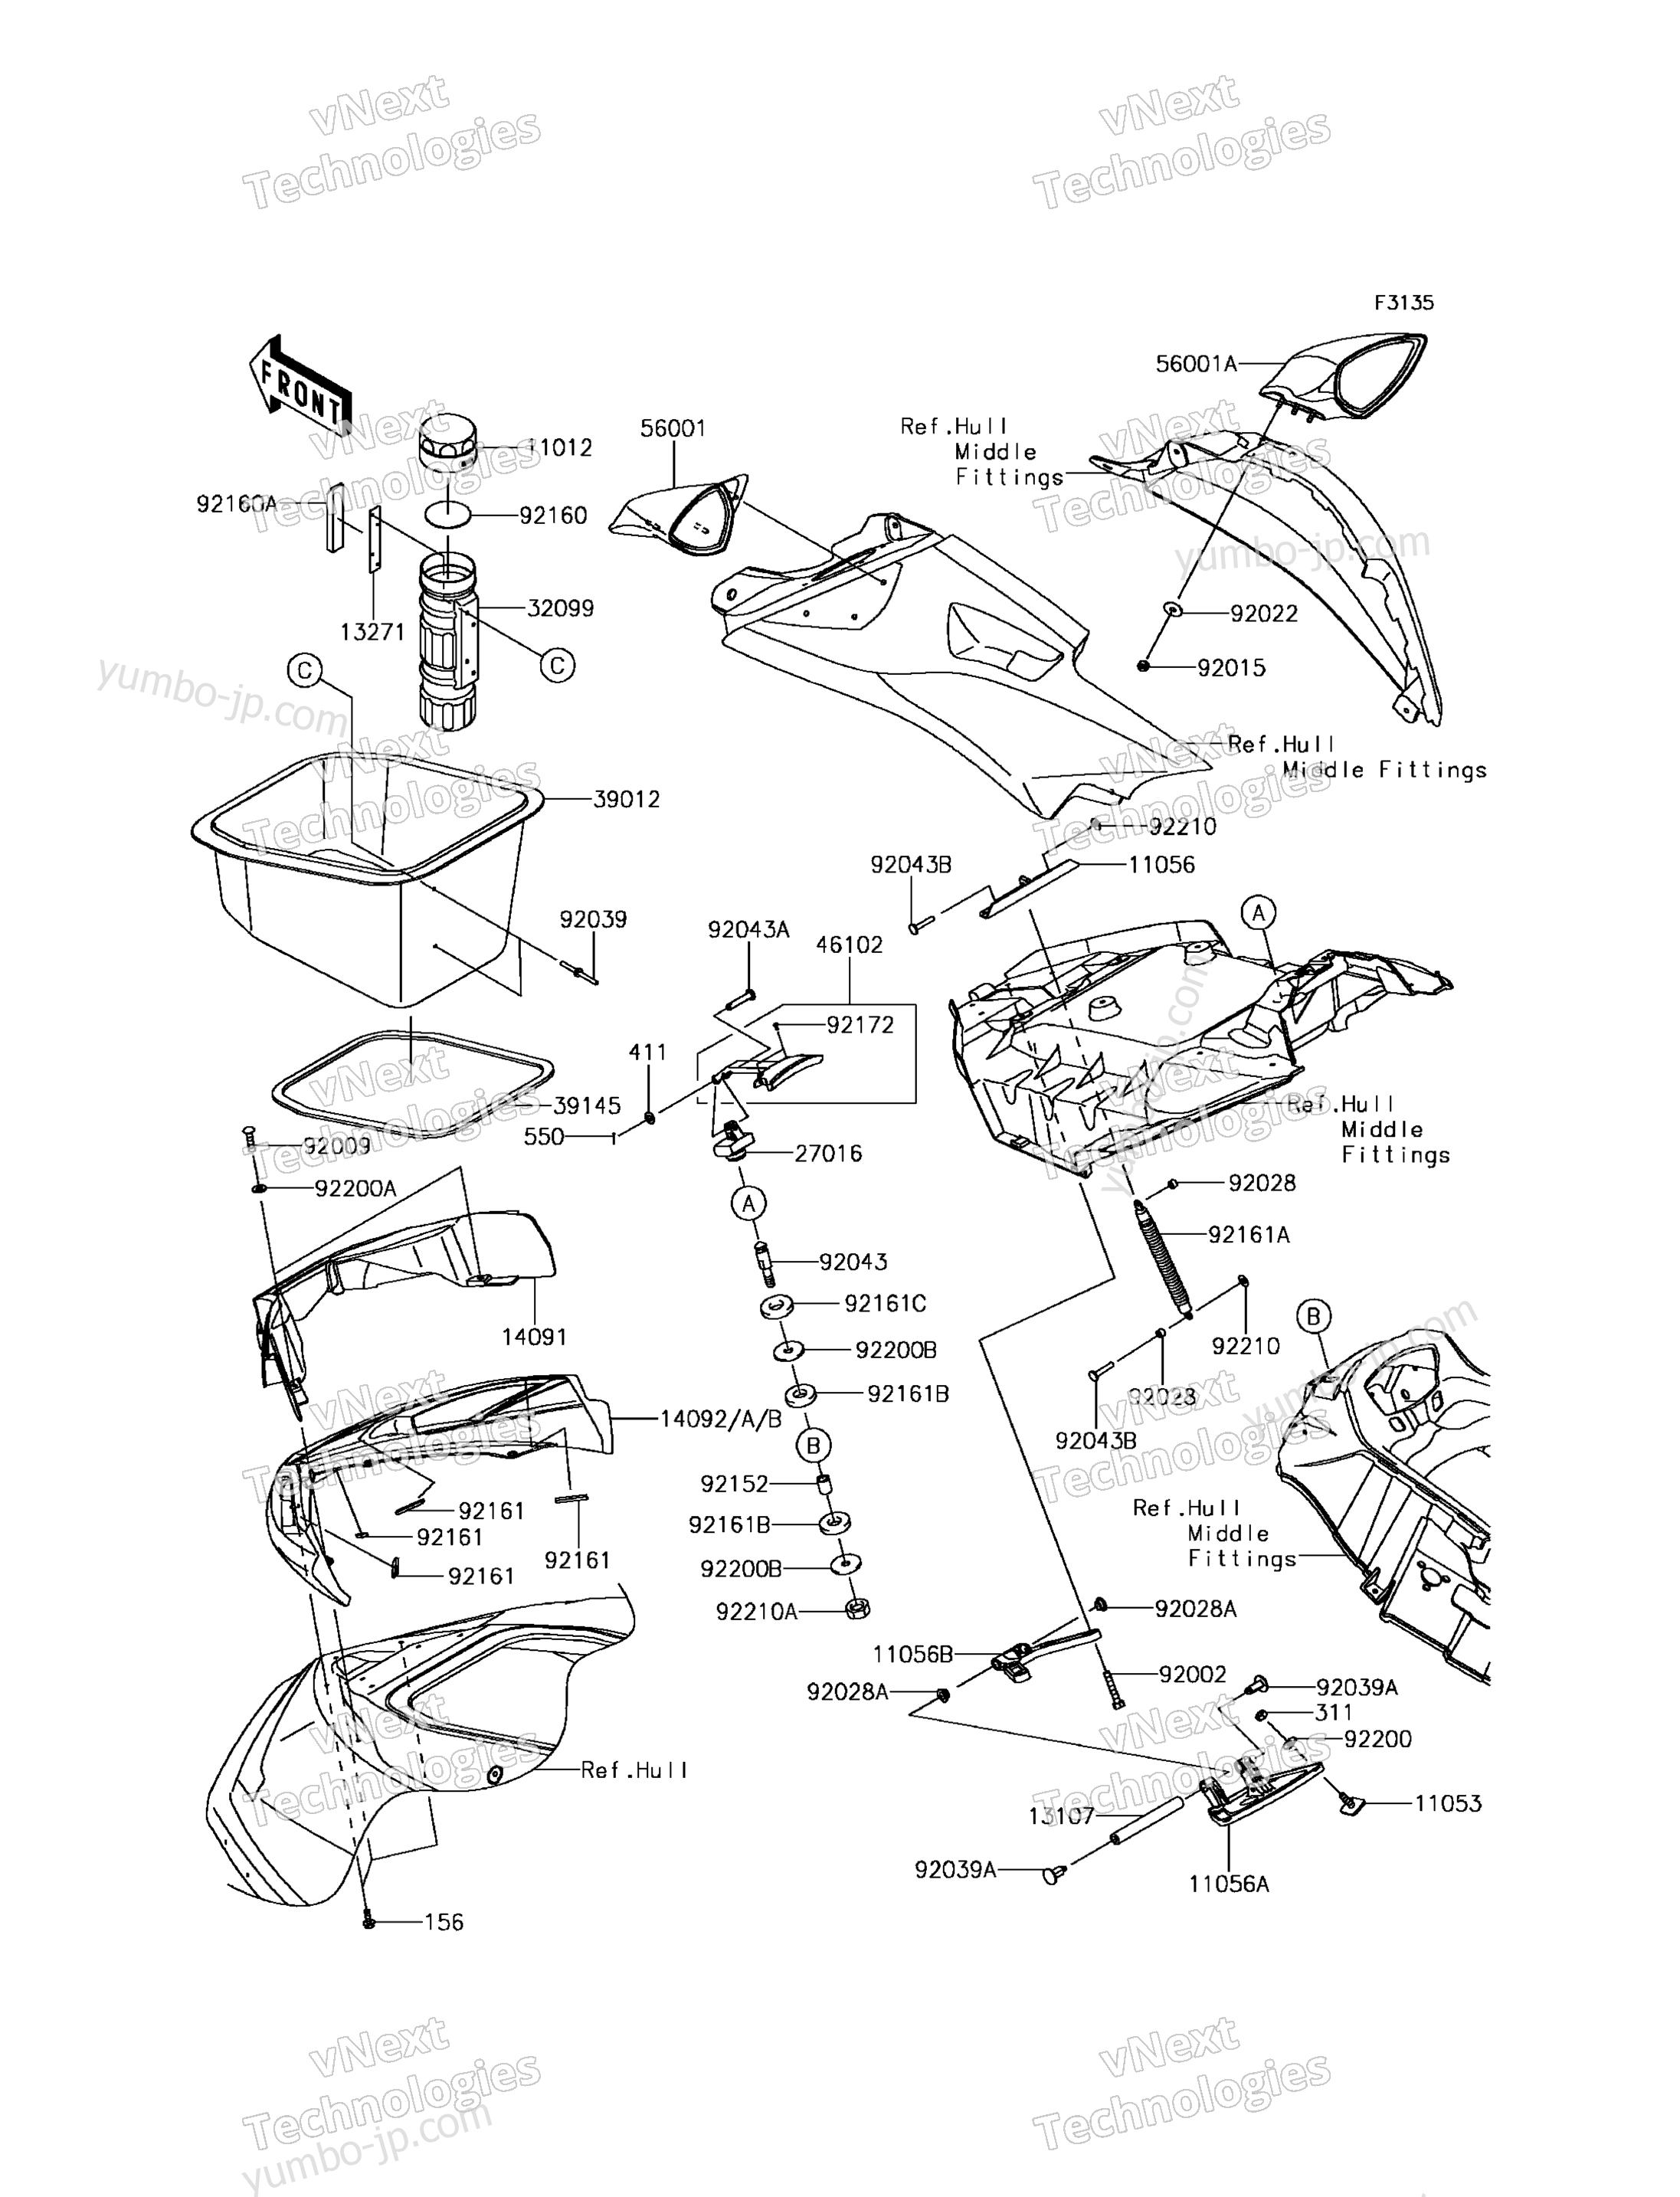 Hull Front Fittings для гидроцикла KAWASAKI JET SKI ULTRA 310X (JT1500PGF) 2016 г.